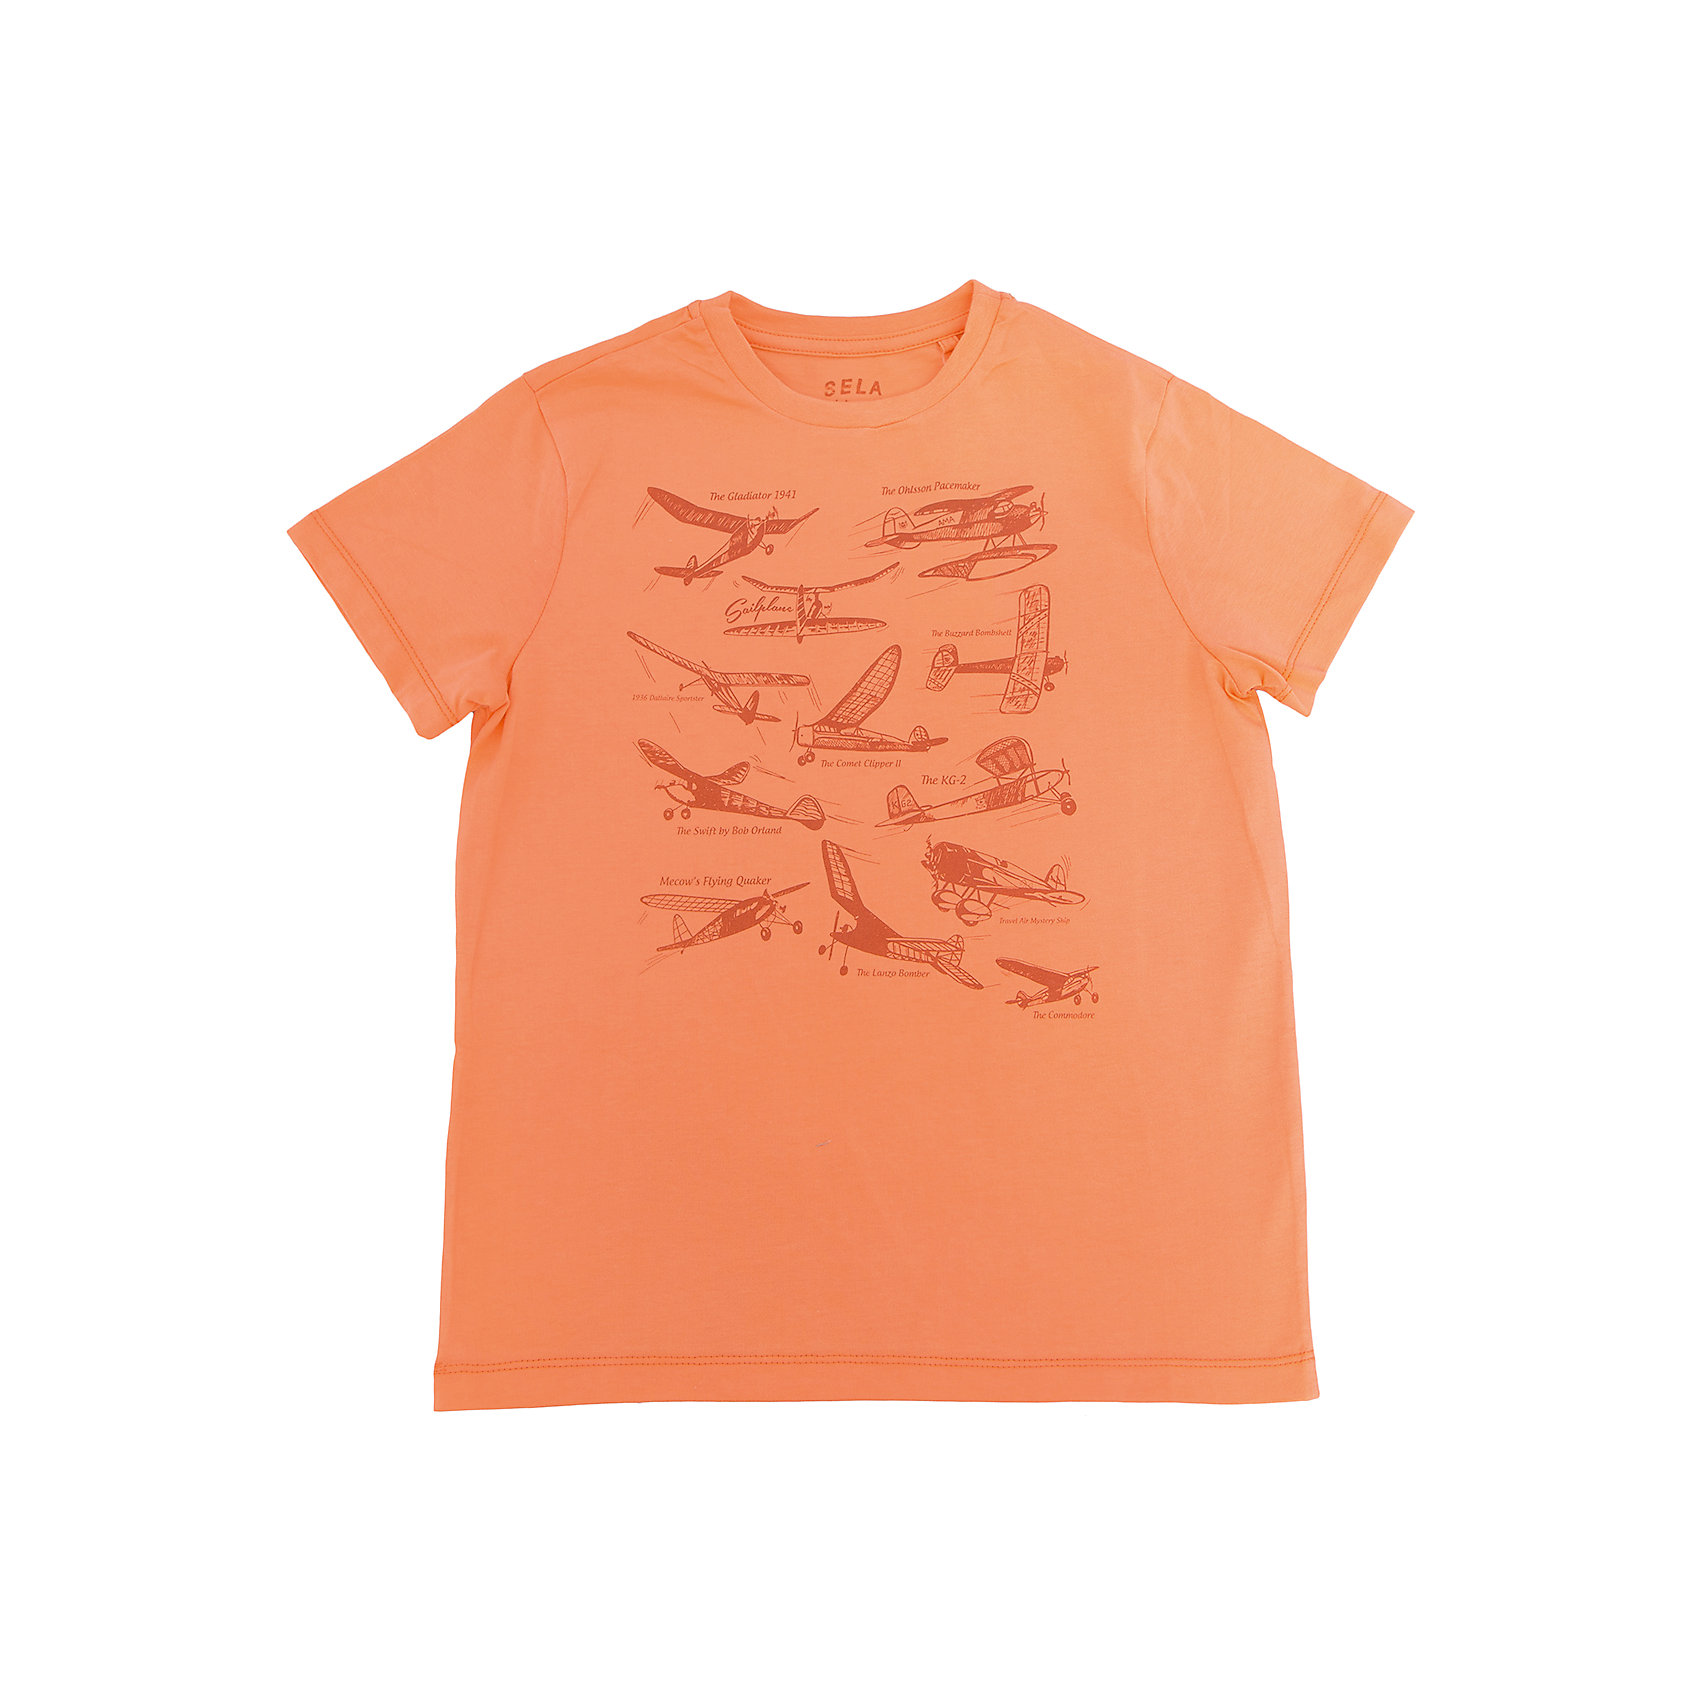 Футболка  для мальчика SELAФутболки, поло и топы<br>Характеристики товара:<br><br>• цвет: оранжевый<br>• состав: 100% хлопок<br>• принт<br>• короткие рукава<br>• округлый горловой вырез<br>• коллекция весна-лето 2017<br>• страна бренда: Российская Федерация<br><br>В новой коллекции SELA отличные модели одежды! Эта футболка для мальчика поможет разнообразить гардероб ребенка и обеспечить комфорт. Она отлично сочетается с джинсами и брюками. В составе ткани -только дышащий гипоаллергенный хлопок!<br><br>Одежда, обувь и аксессуары от российского бренда SELA не зря пользуются большой популярностью у детей и взрослых! Модели этой марки - стильные и удобные, цена при этом неизменно остается доступной. Для их производства используются только безопасные, качественные материалы и фурнитура. Новая коллекция поддерживает хорошие традиции бренда! <br><br>Футболку для мальчика от популярного бренда SELA (СЕЛА) можно купить в нашем интернет-магазине.<br><br>Ширина мм: 230<br>Глубина мм: 40<br>Высота мм: 220<br>Вес г: 250<br>Цвет: оранжевый<br>Возраст от месяцев: 108<br>Возраст до месяцев: 120<br>Пол: Мужской<br>Возраст: Детский<br>Размер: 140,134,128,122,116,152,146<br>SKU: 5304033